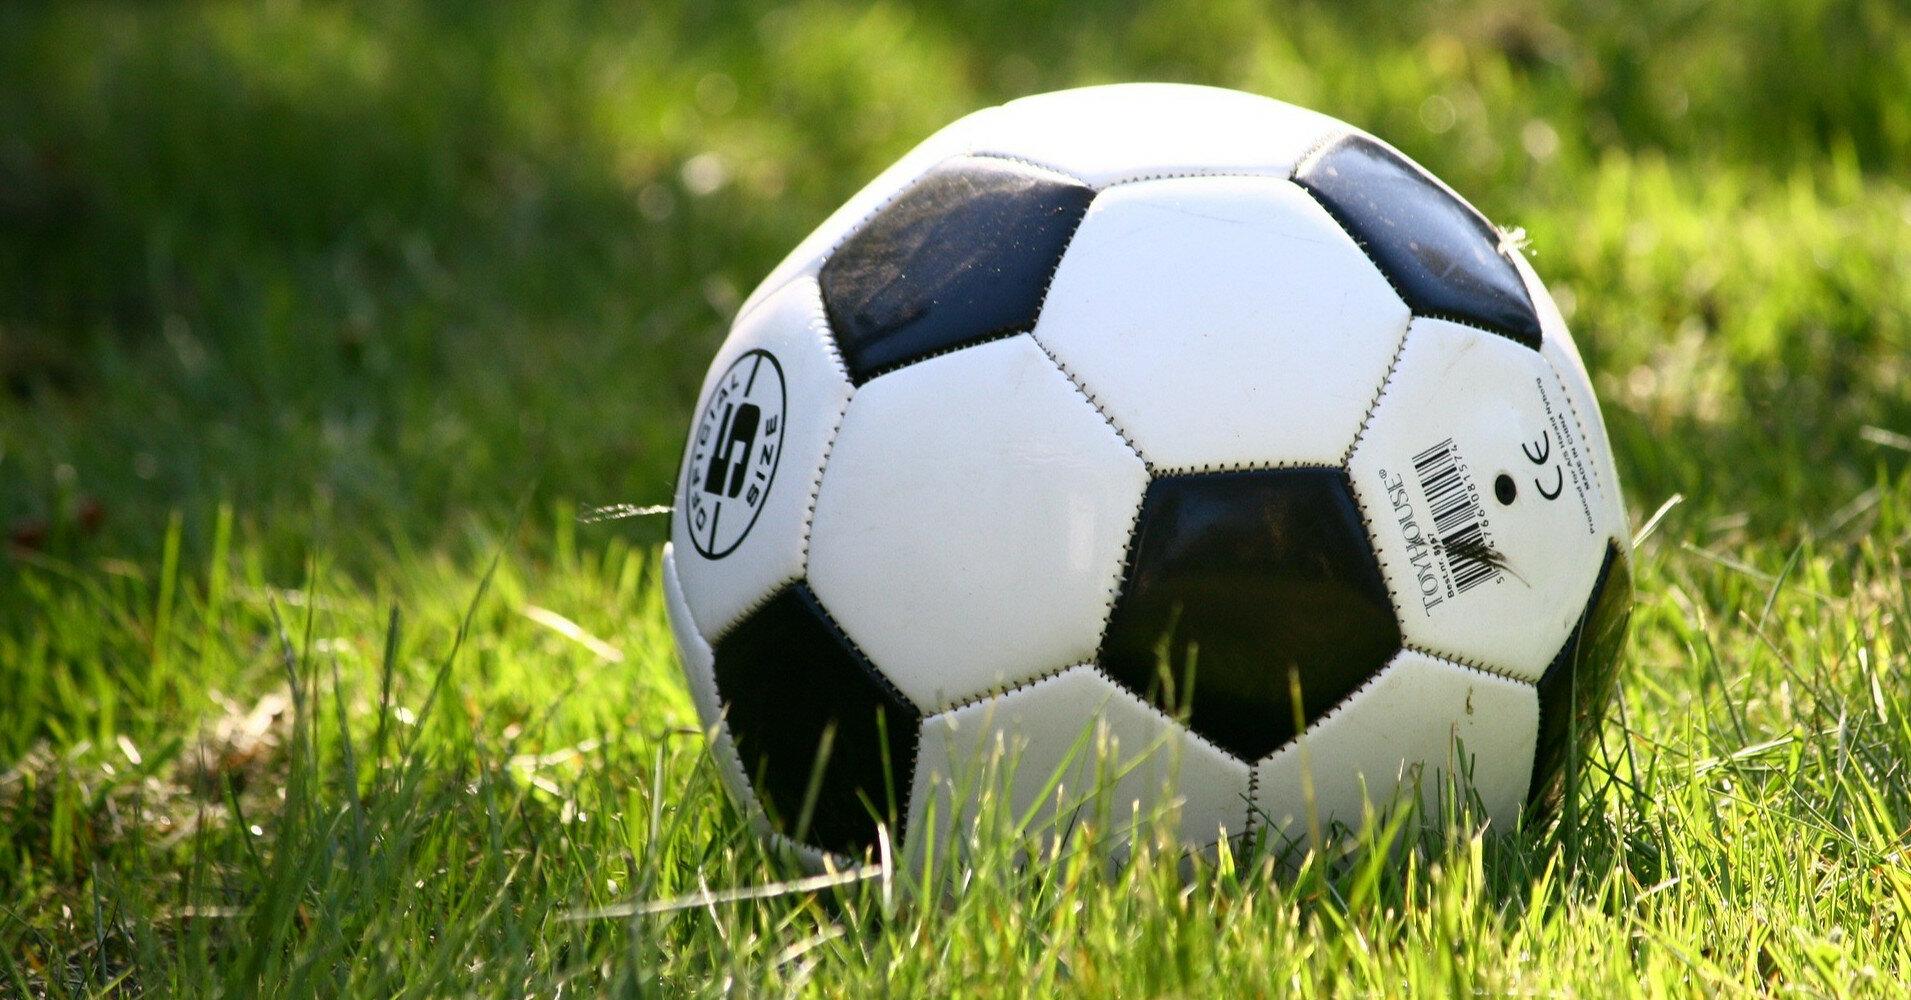 Футболист получил травму, празднуя гол в матче (видео)